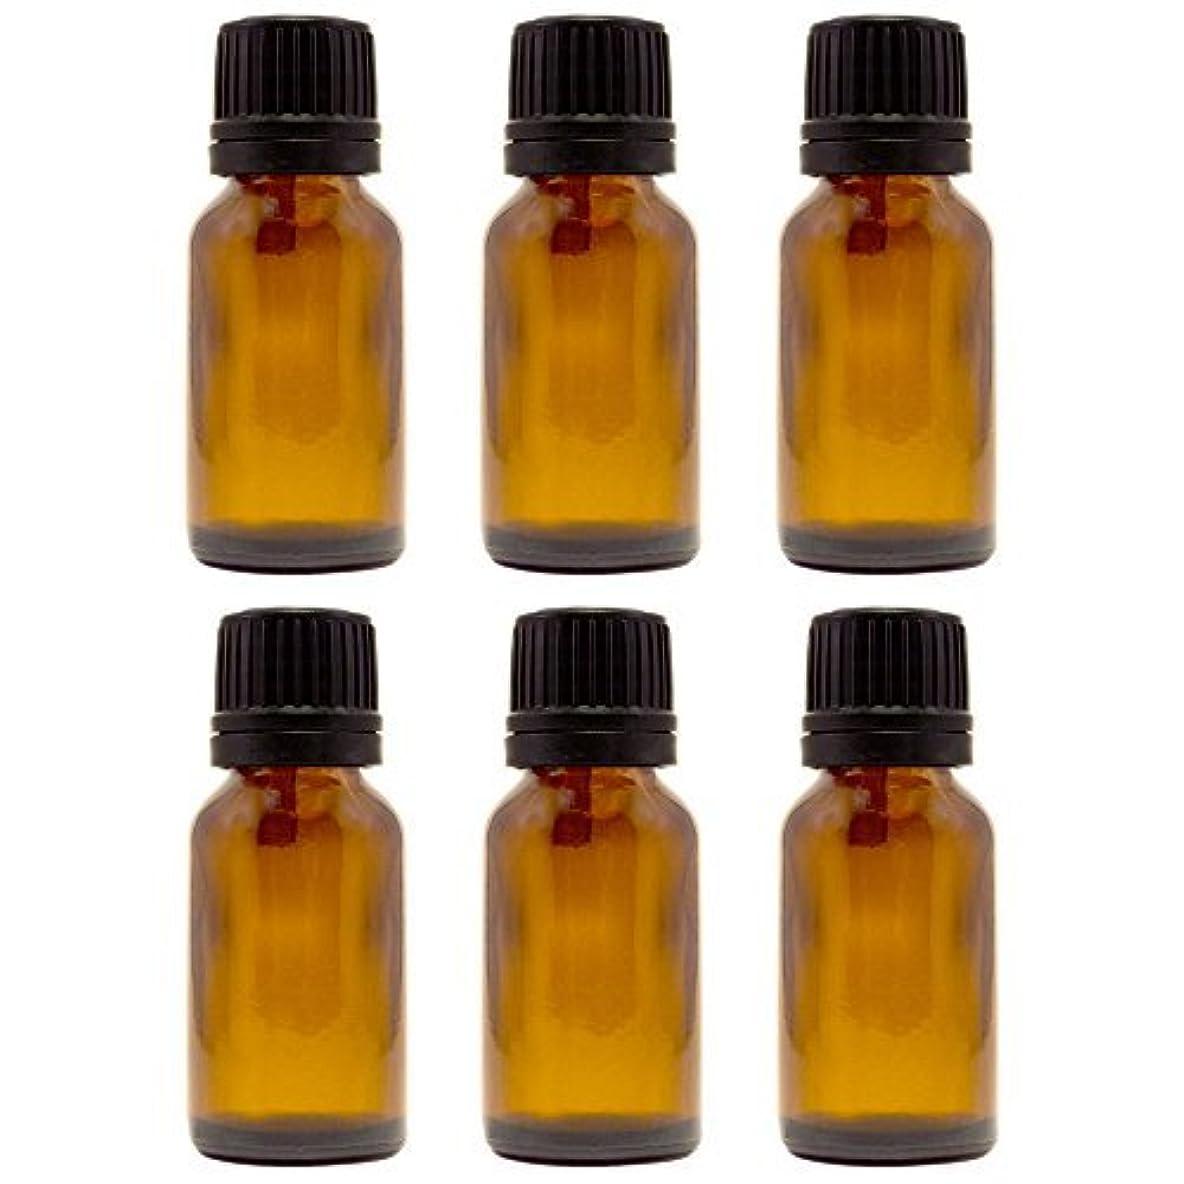 繰り返したインカ帝国エンジニアリング15 ml (1/2 fl oz) Amber Glass Bottle with Euro Dropper (6 Pack) [並行輸入品]